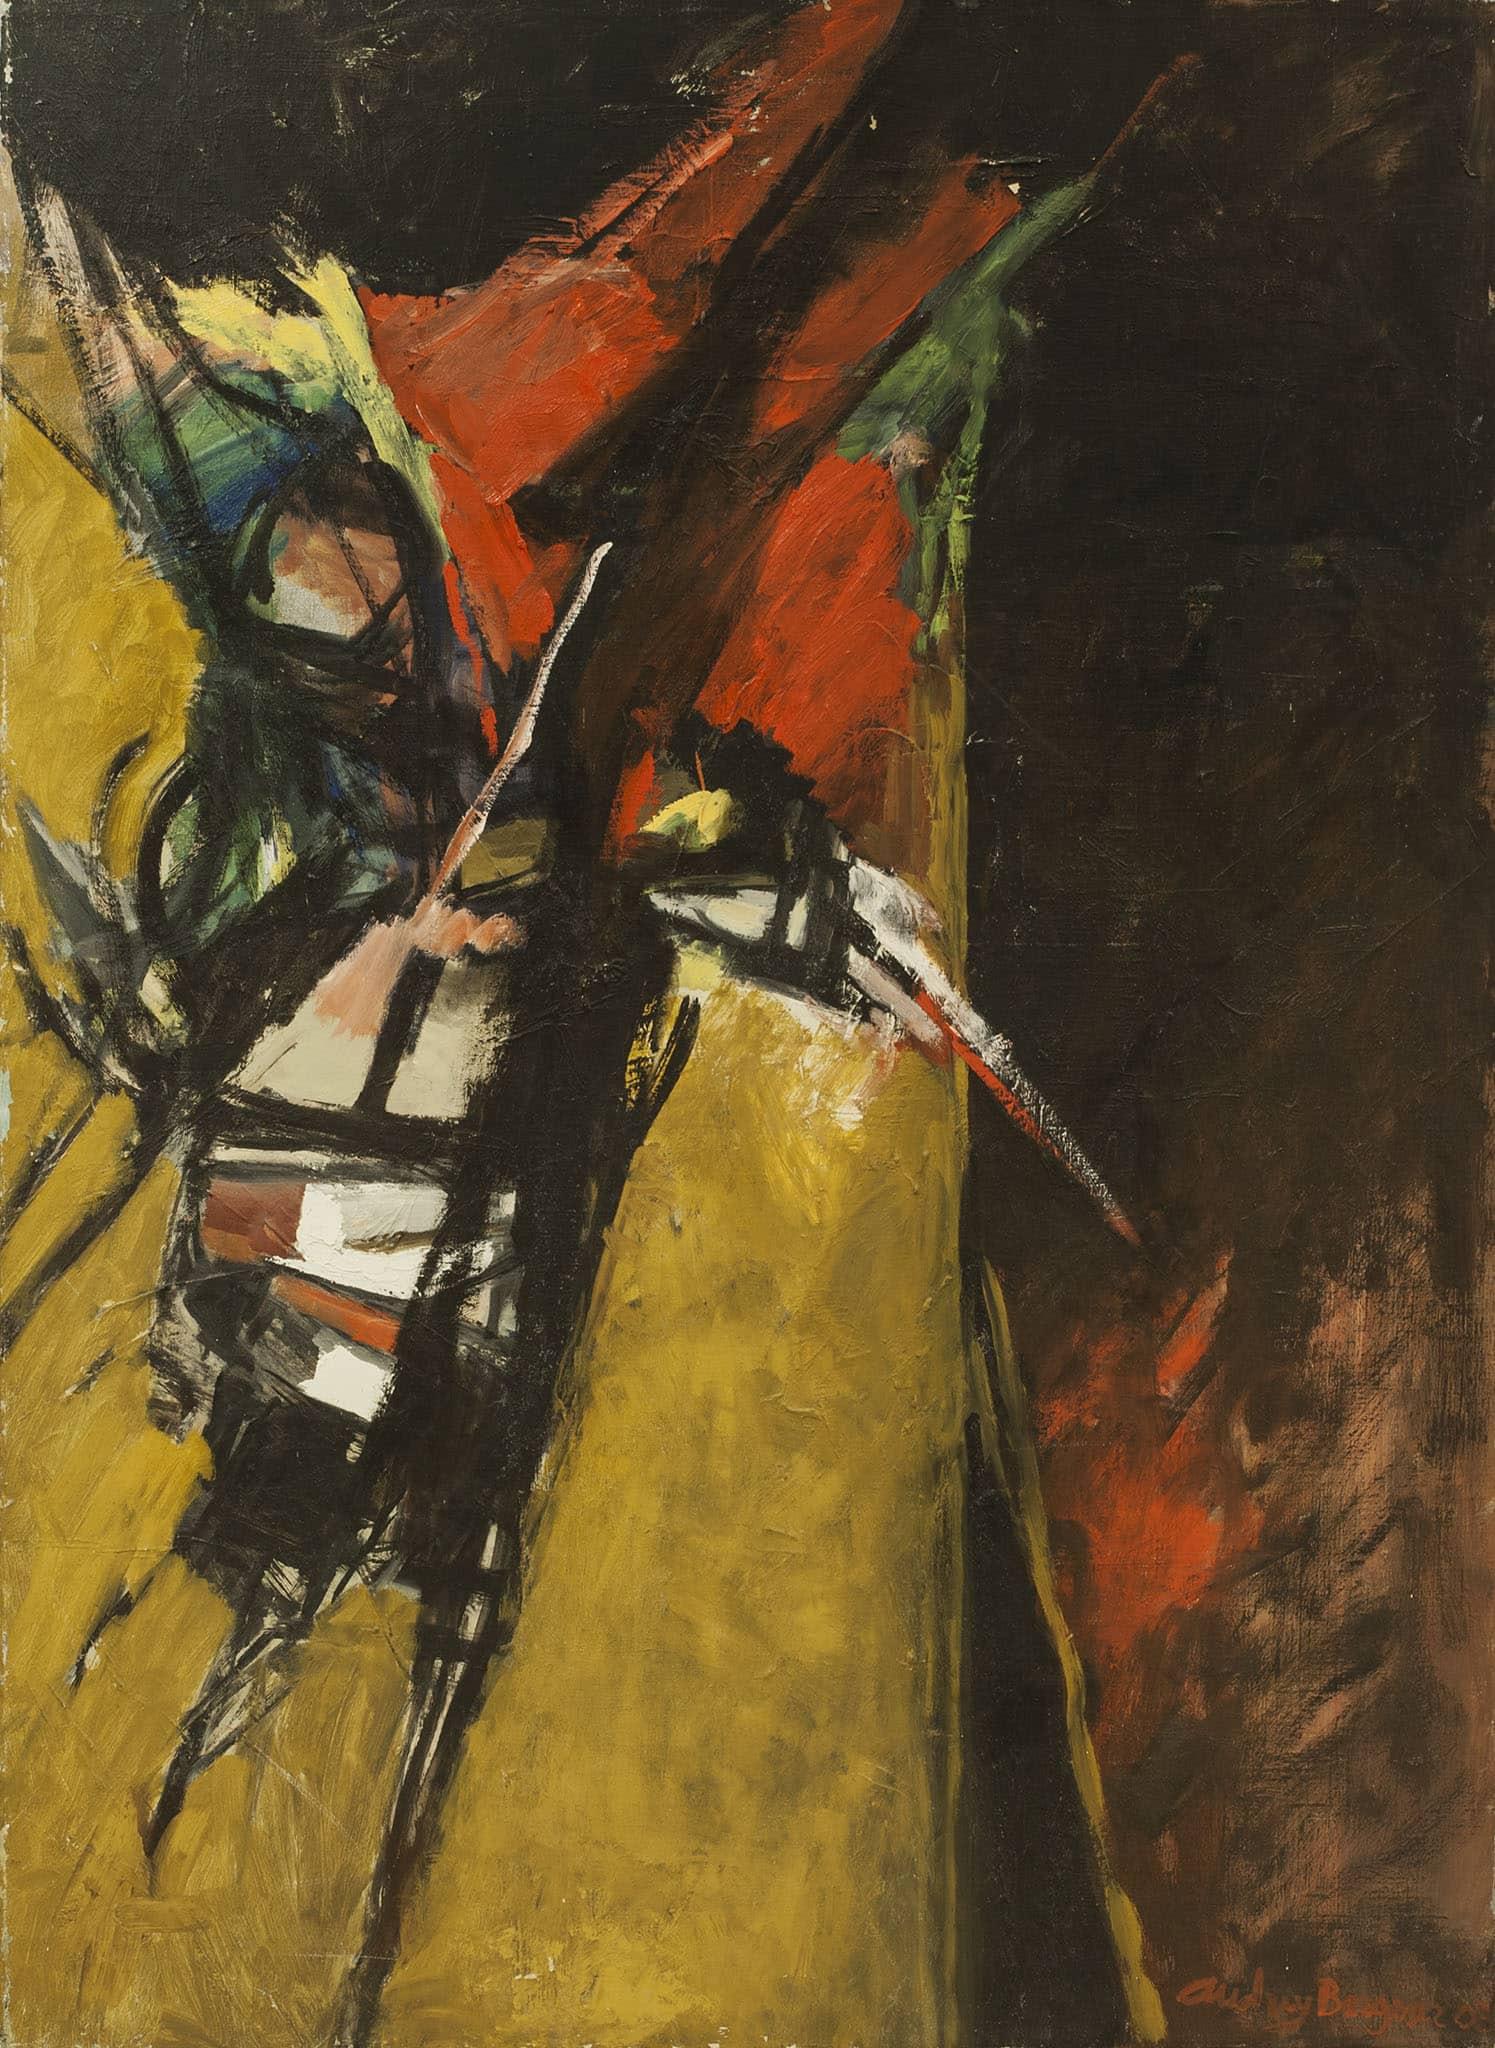 """אודרי ברגנר, """"ציפור"""", 2003, שמן על בד, 73x100 ס""""מ"""